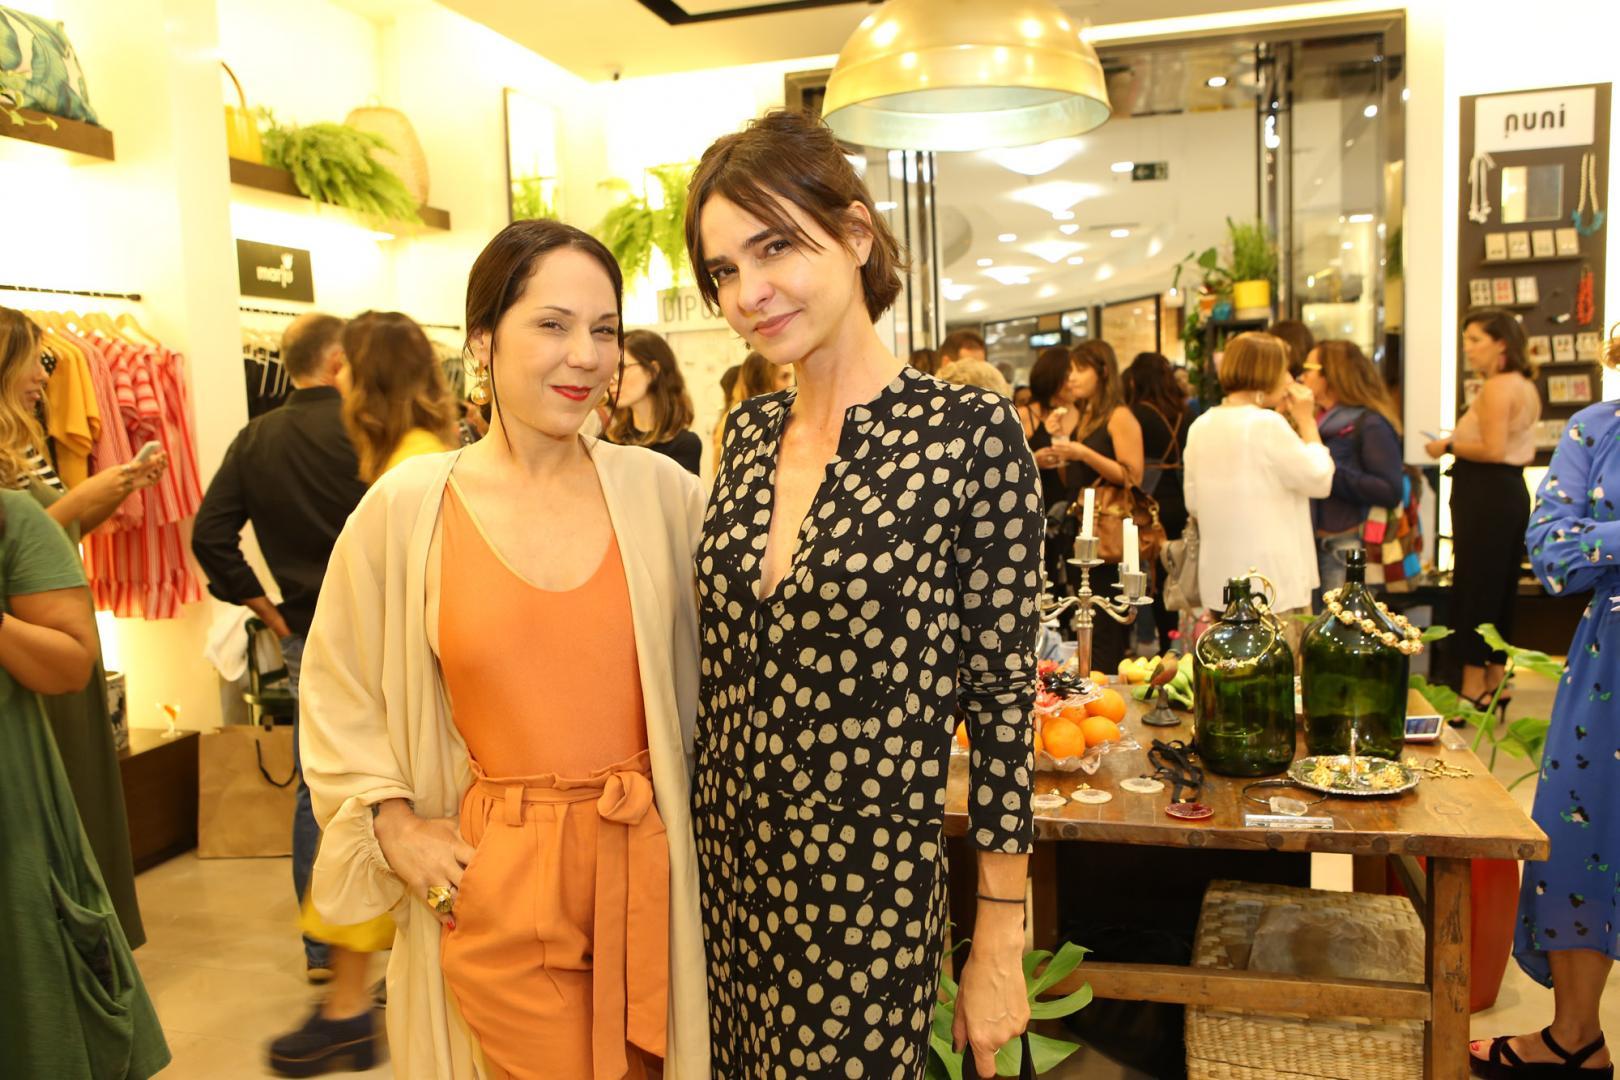 Coletivo Carandaí 25 é inaugurado com festa no Shopping Leblon